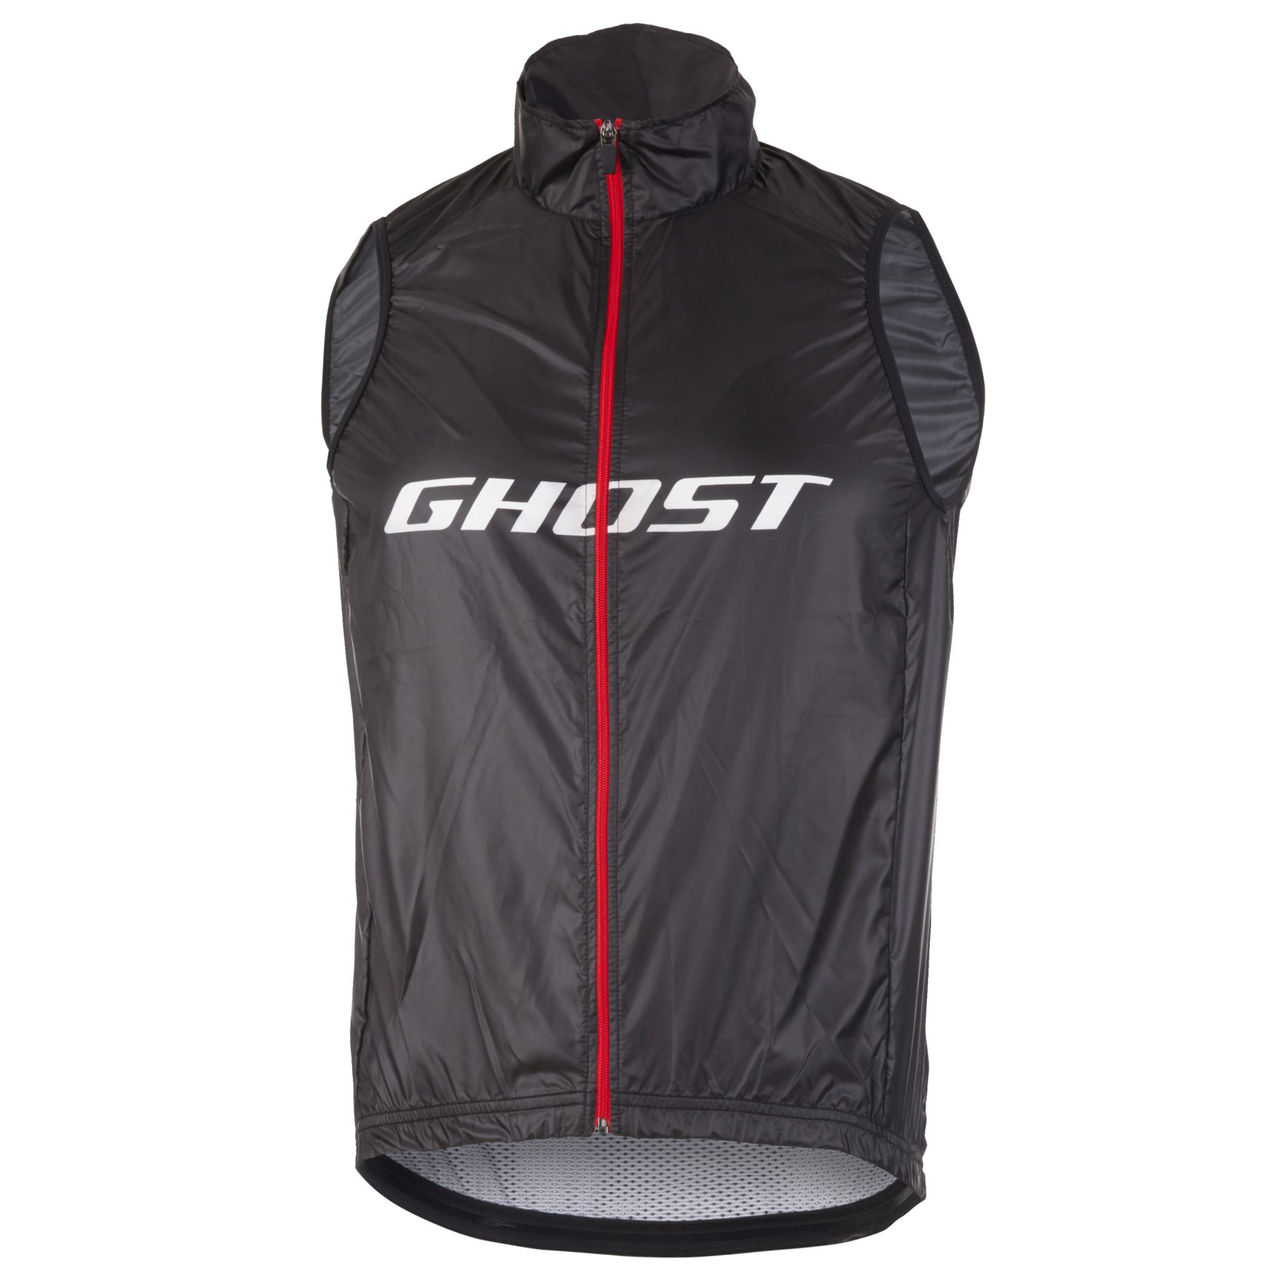 Жилет Ghost Factory Racing, XXL, черно-красно-белый